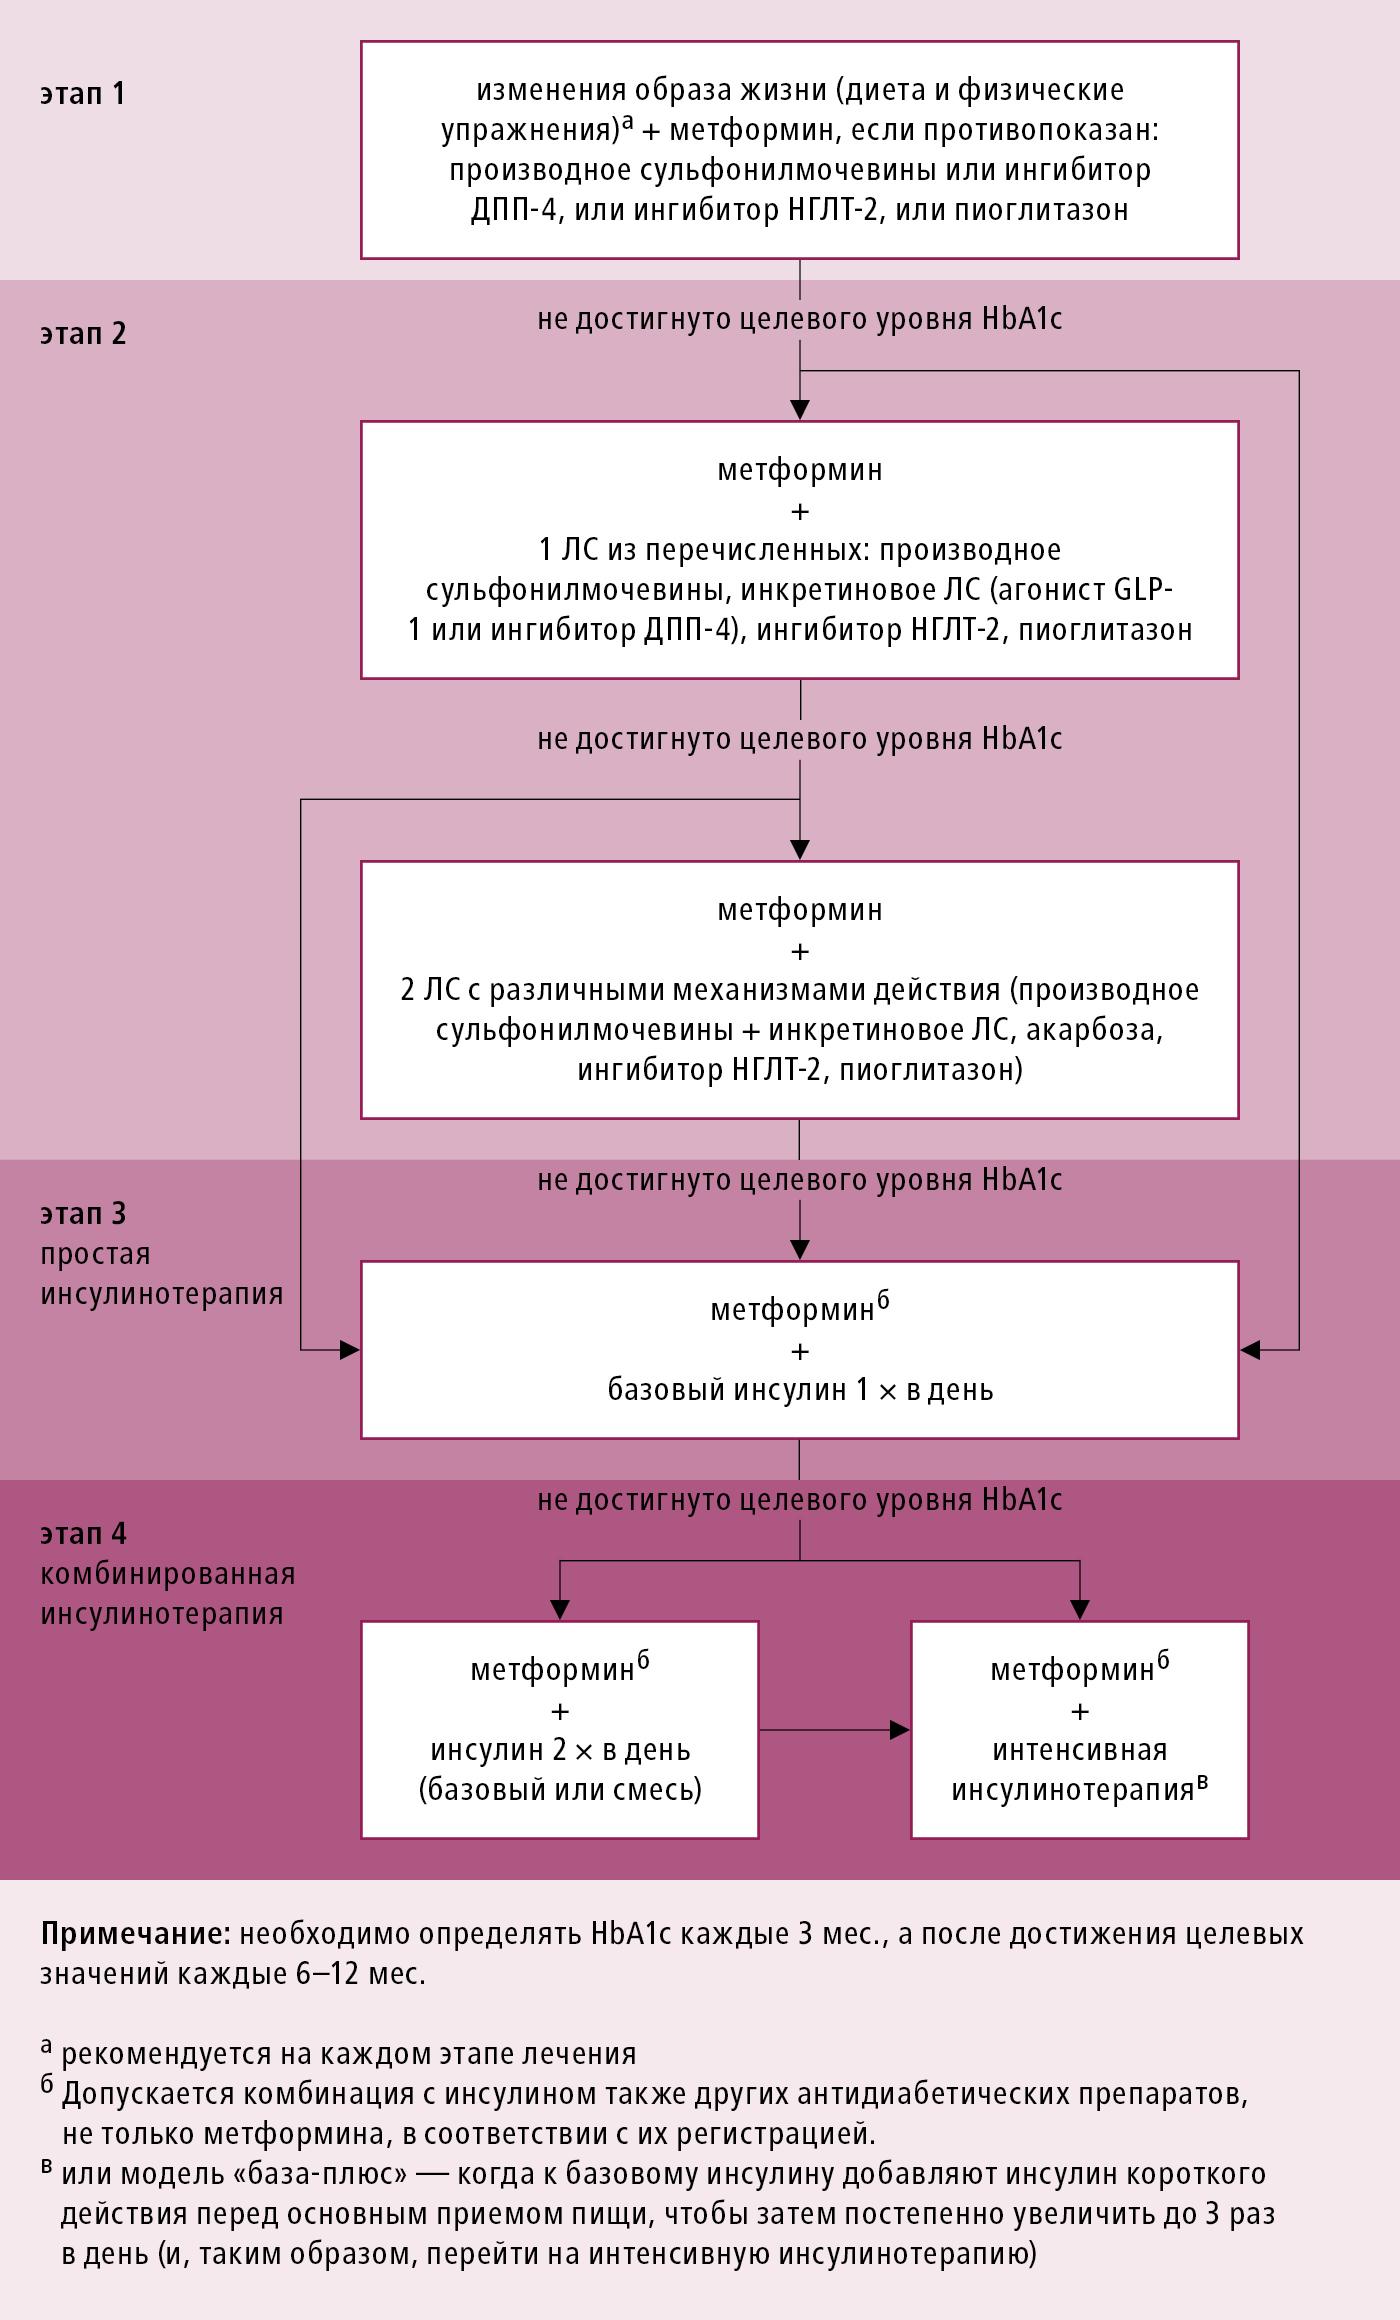 Алгоритм лечения больных сахарным диабетом 2 типа (на основании указаний PTD 2017, измененные)